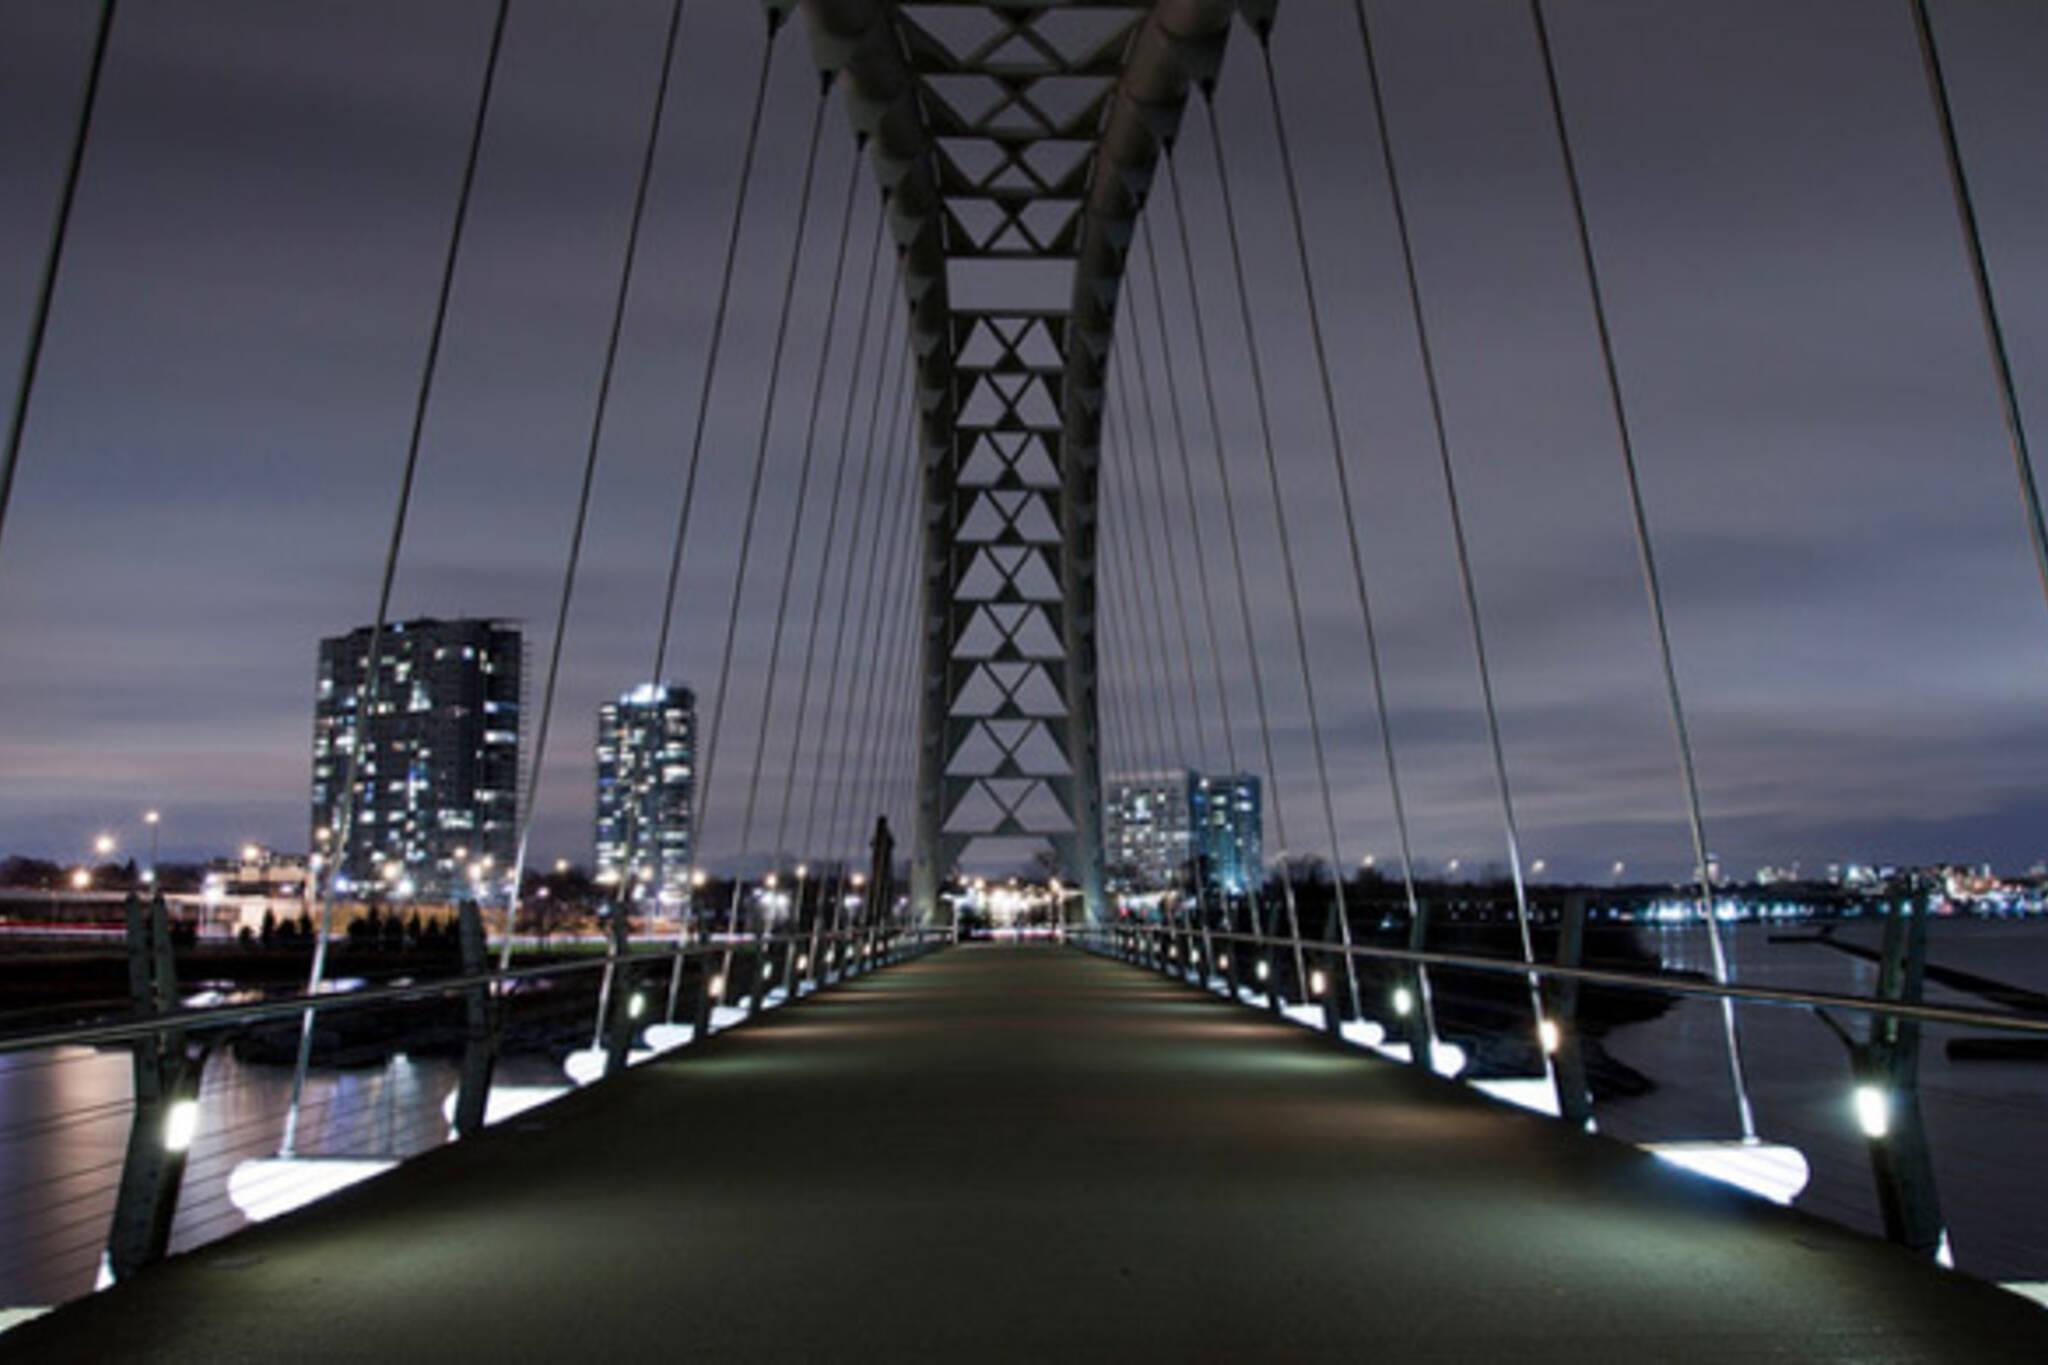 Toronto Nighttime